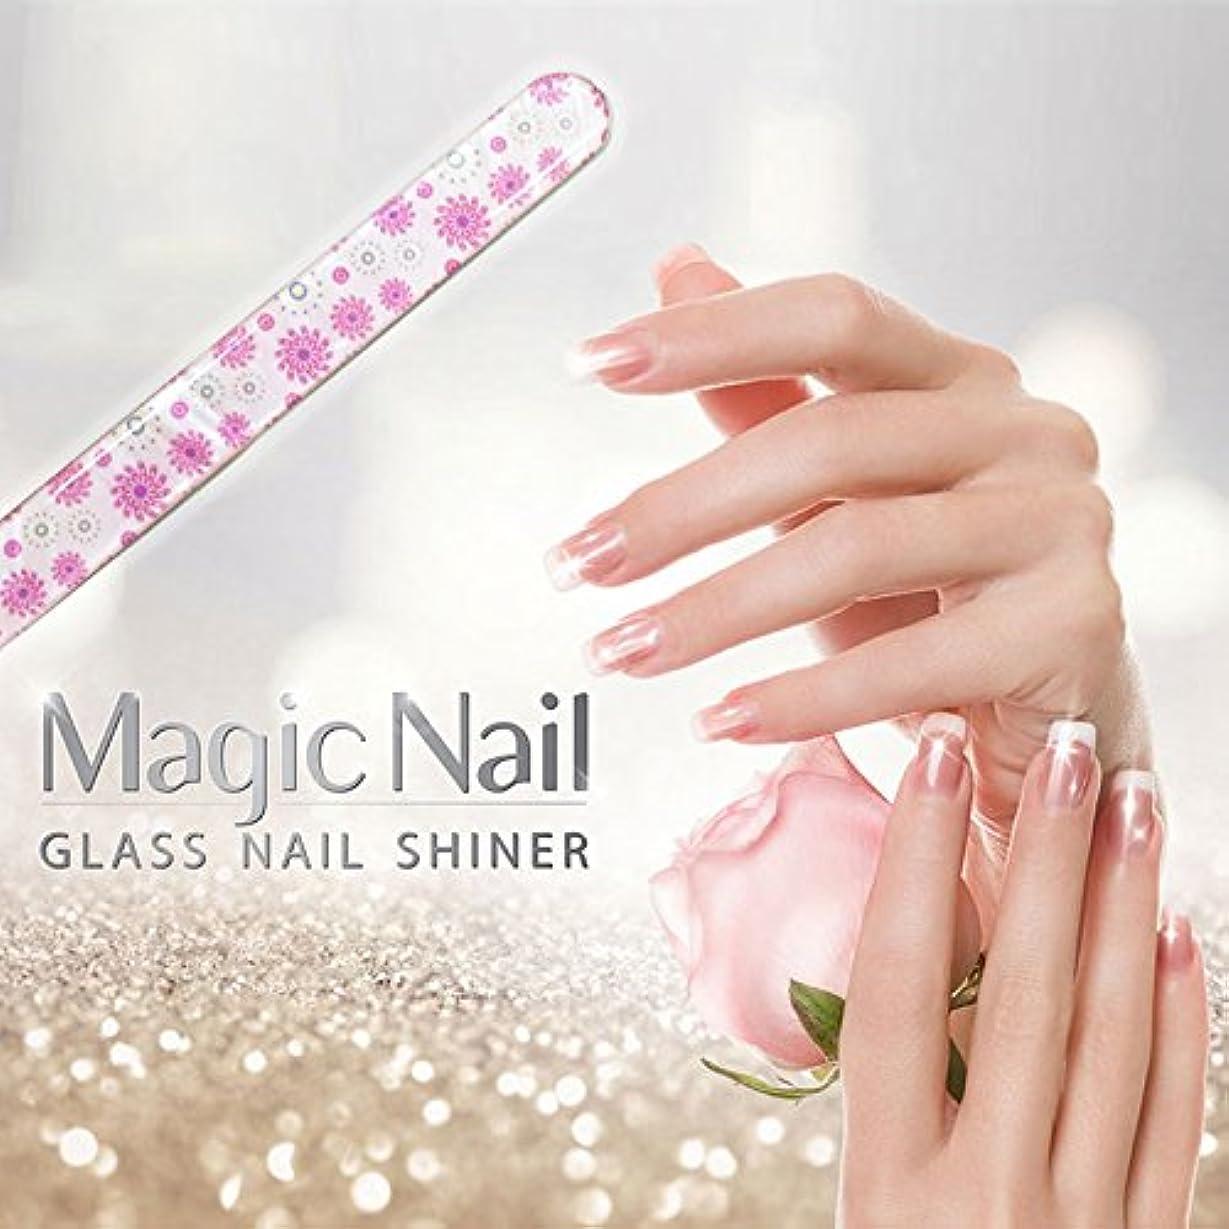 更新桃スカイエッサンテ(Essante) マジックネイル magic nail マニキュアを塗ったようなツヤ、輝きが家で誰でも簡単に出来る glass nail shiner ガラスネイルシャイナー おしゃれなデザイン つめやすり ...